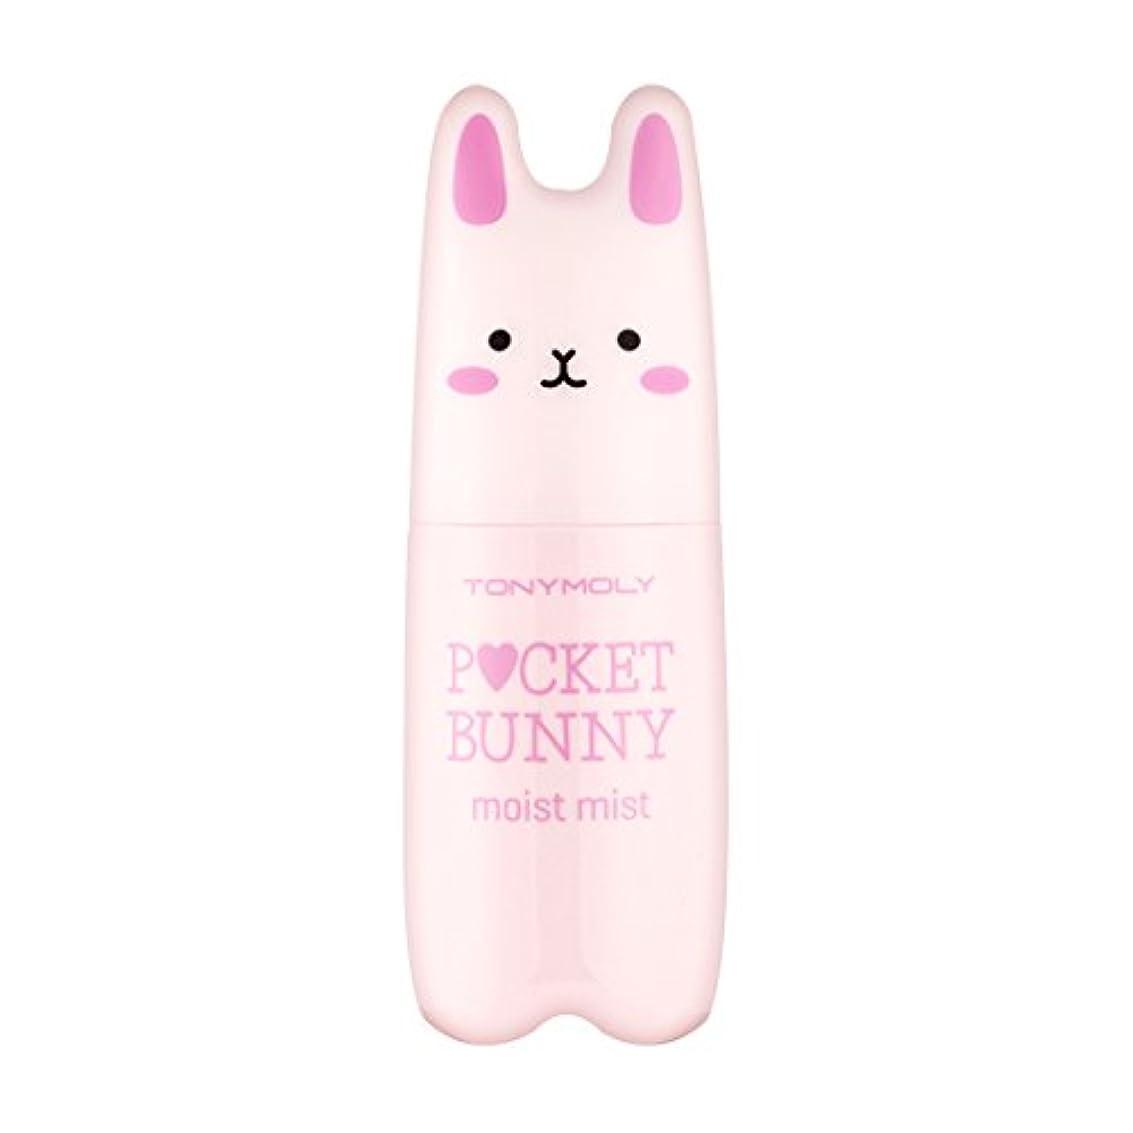 無視汚染レプリカTONYMOLY(トニーモリー) Poket Bunny Mist ポケット バニー ミスト しっとりミスト [並行輸入品]